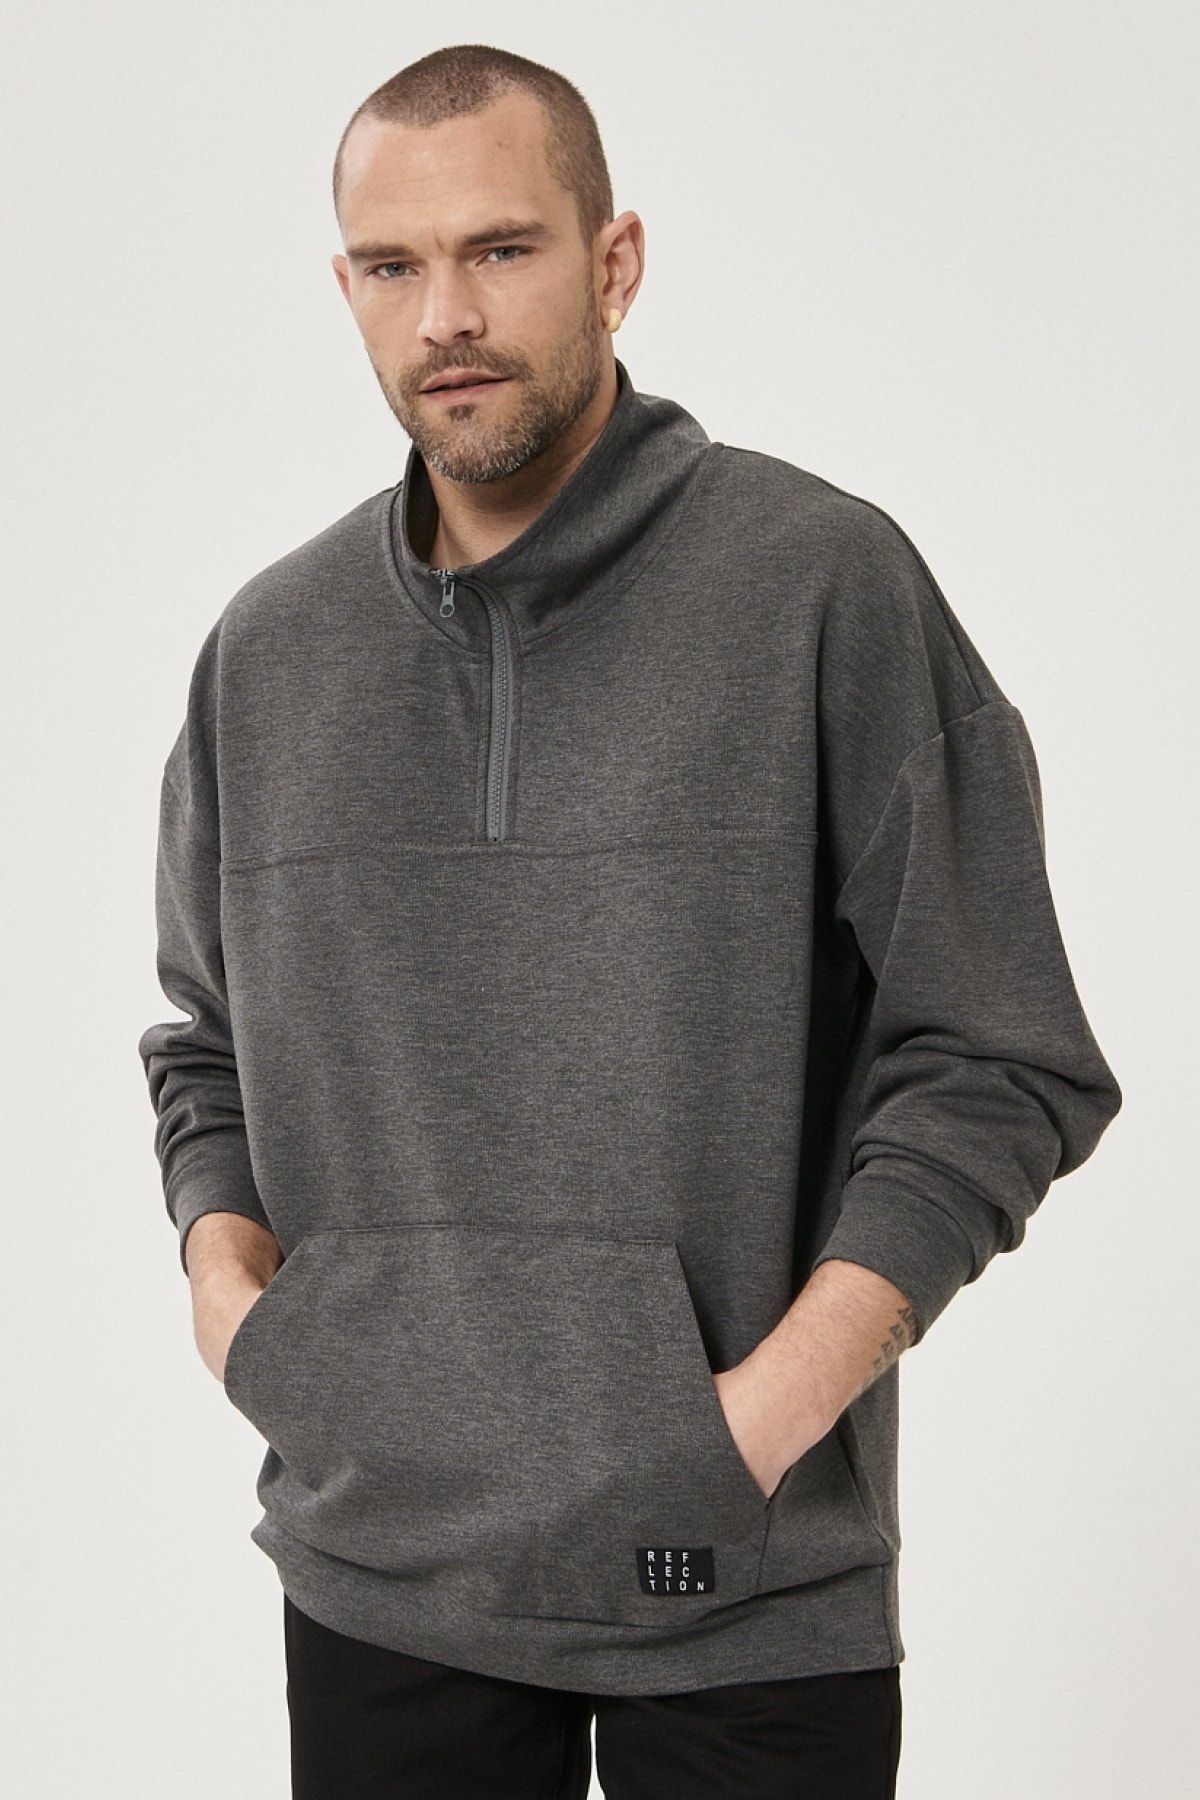 Erkek Antrasit-Melanj Oversize Günlük Rahat Yarım Balıkçı Yaka Spor Sweatshirt